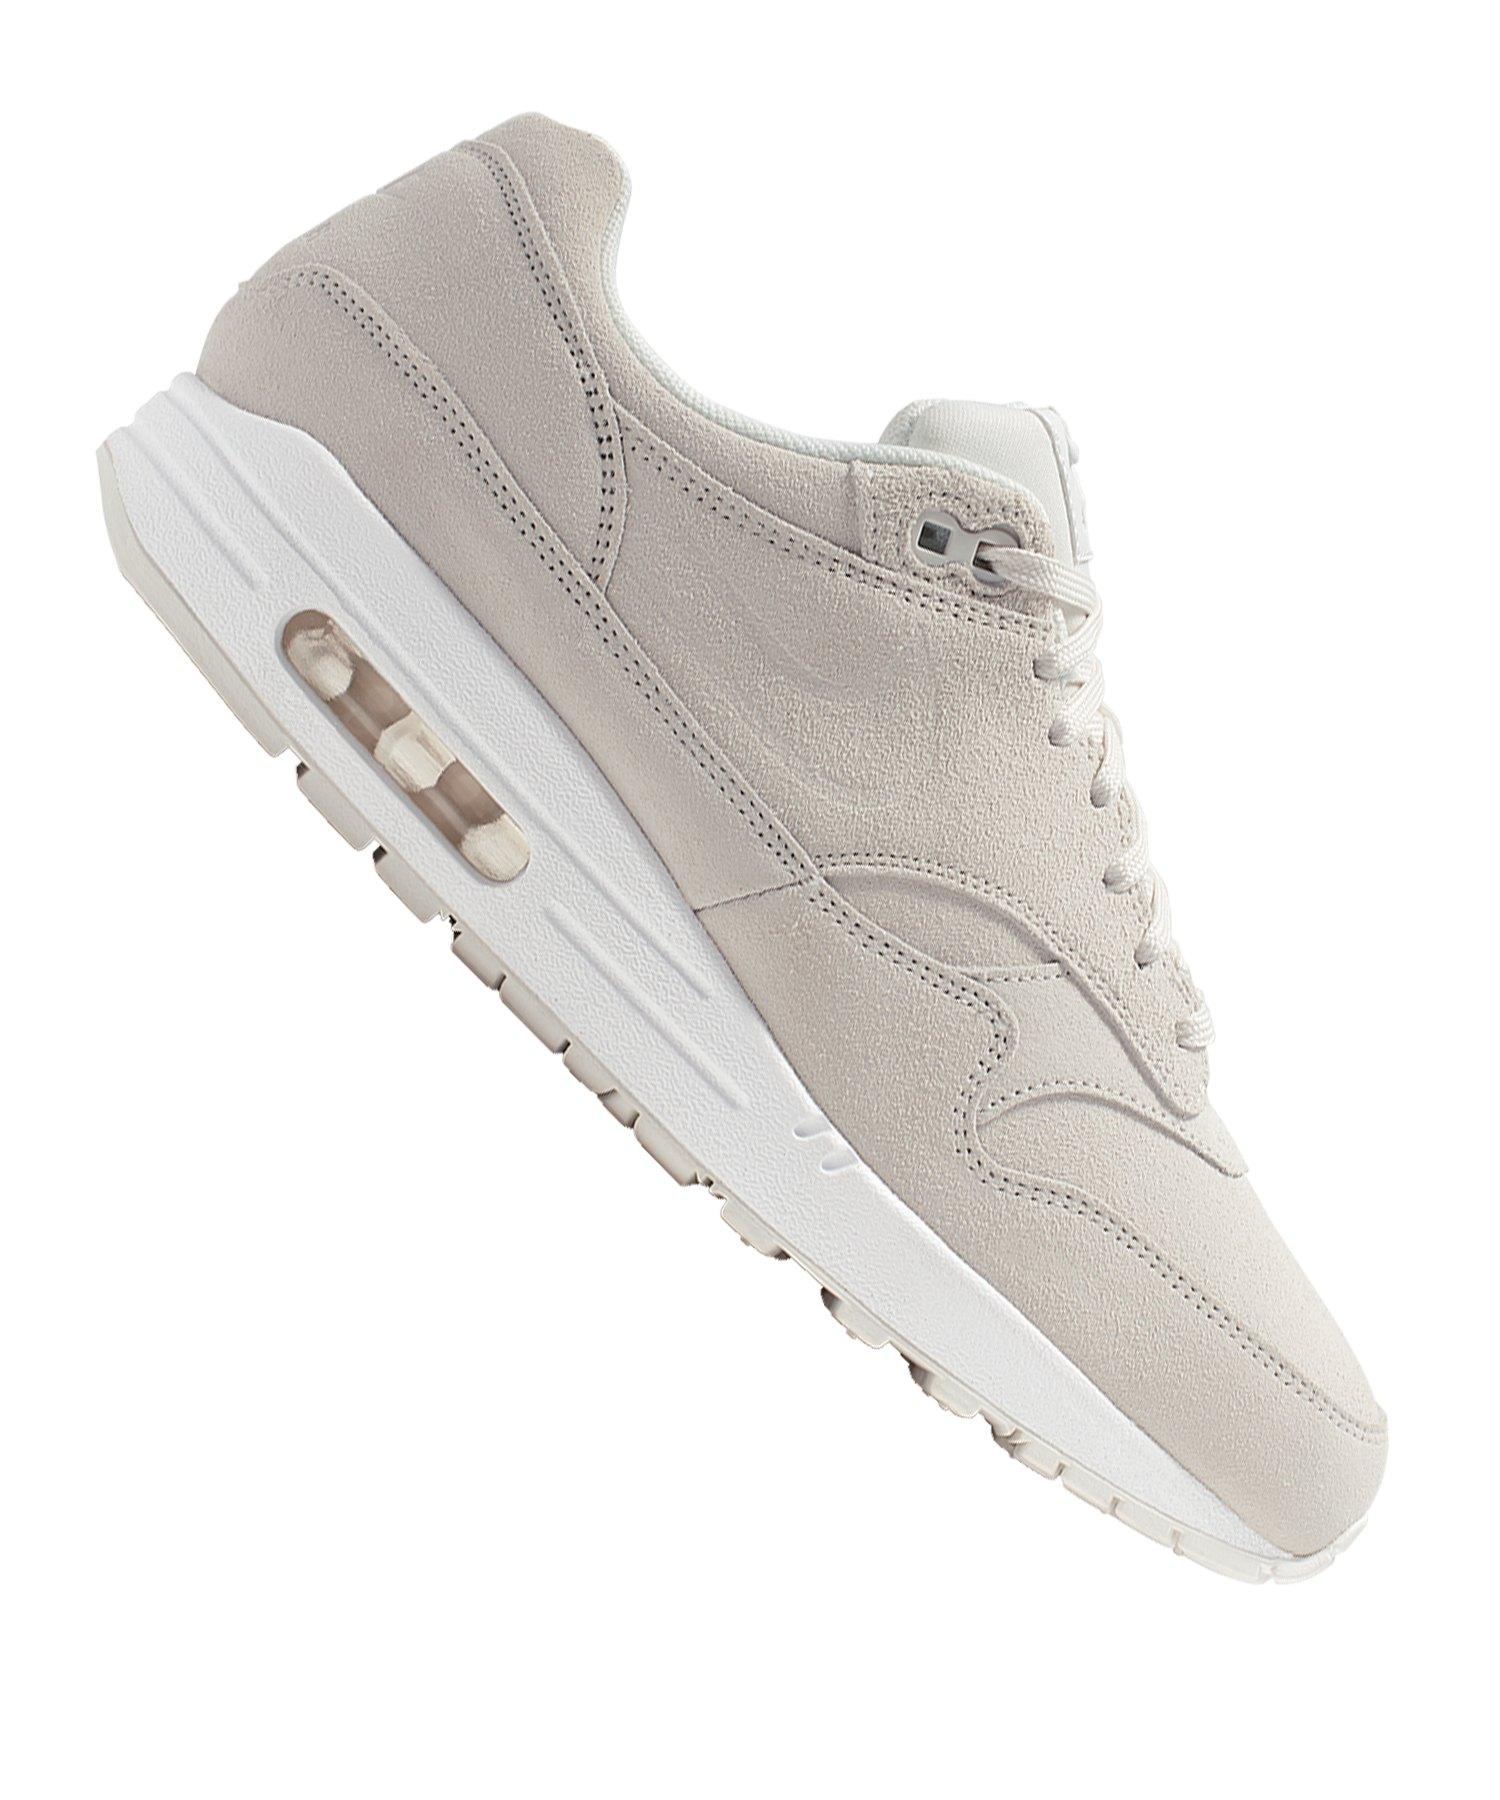 purchase cheap 62392 ed97d Nike Air Max 1 Premium Sneaker Damen Weiss F111 |Lifestyle ...